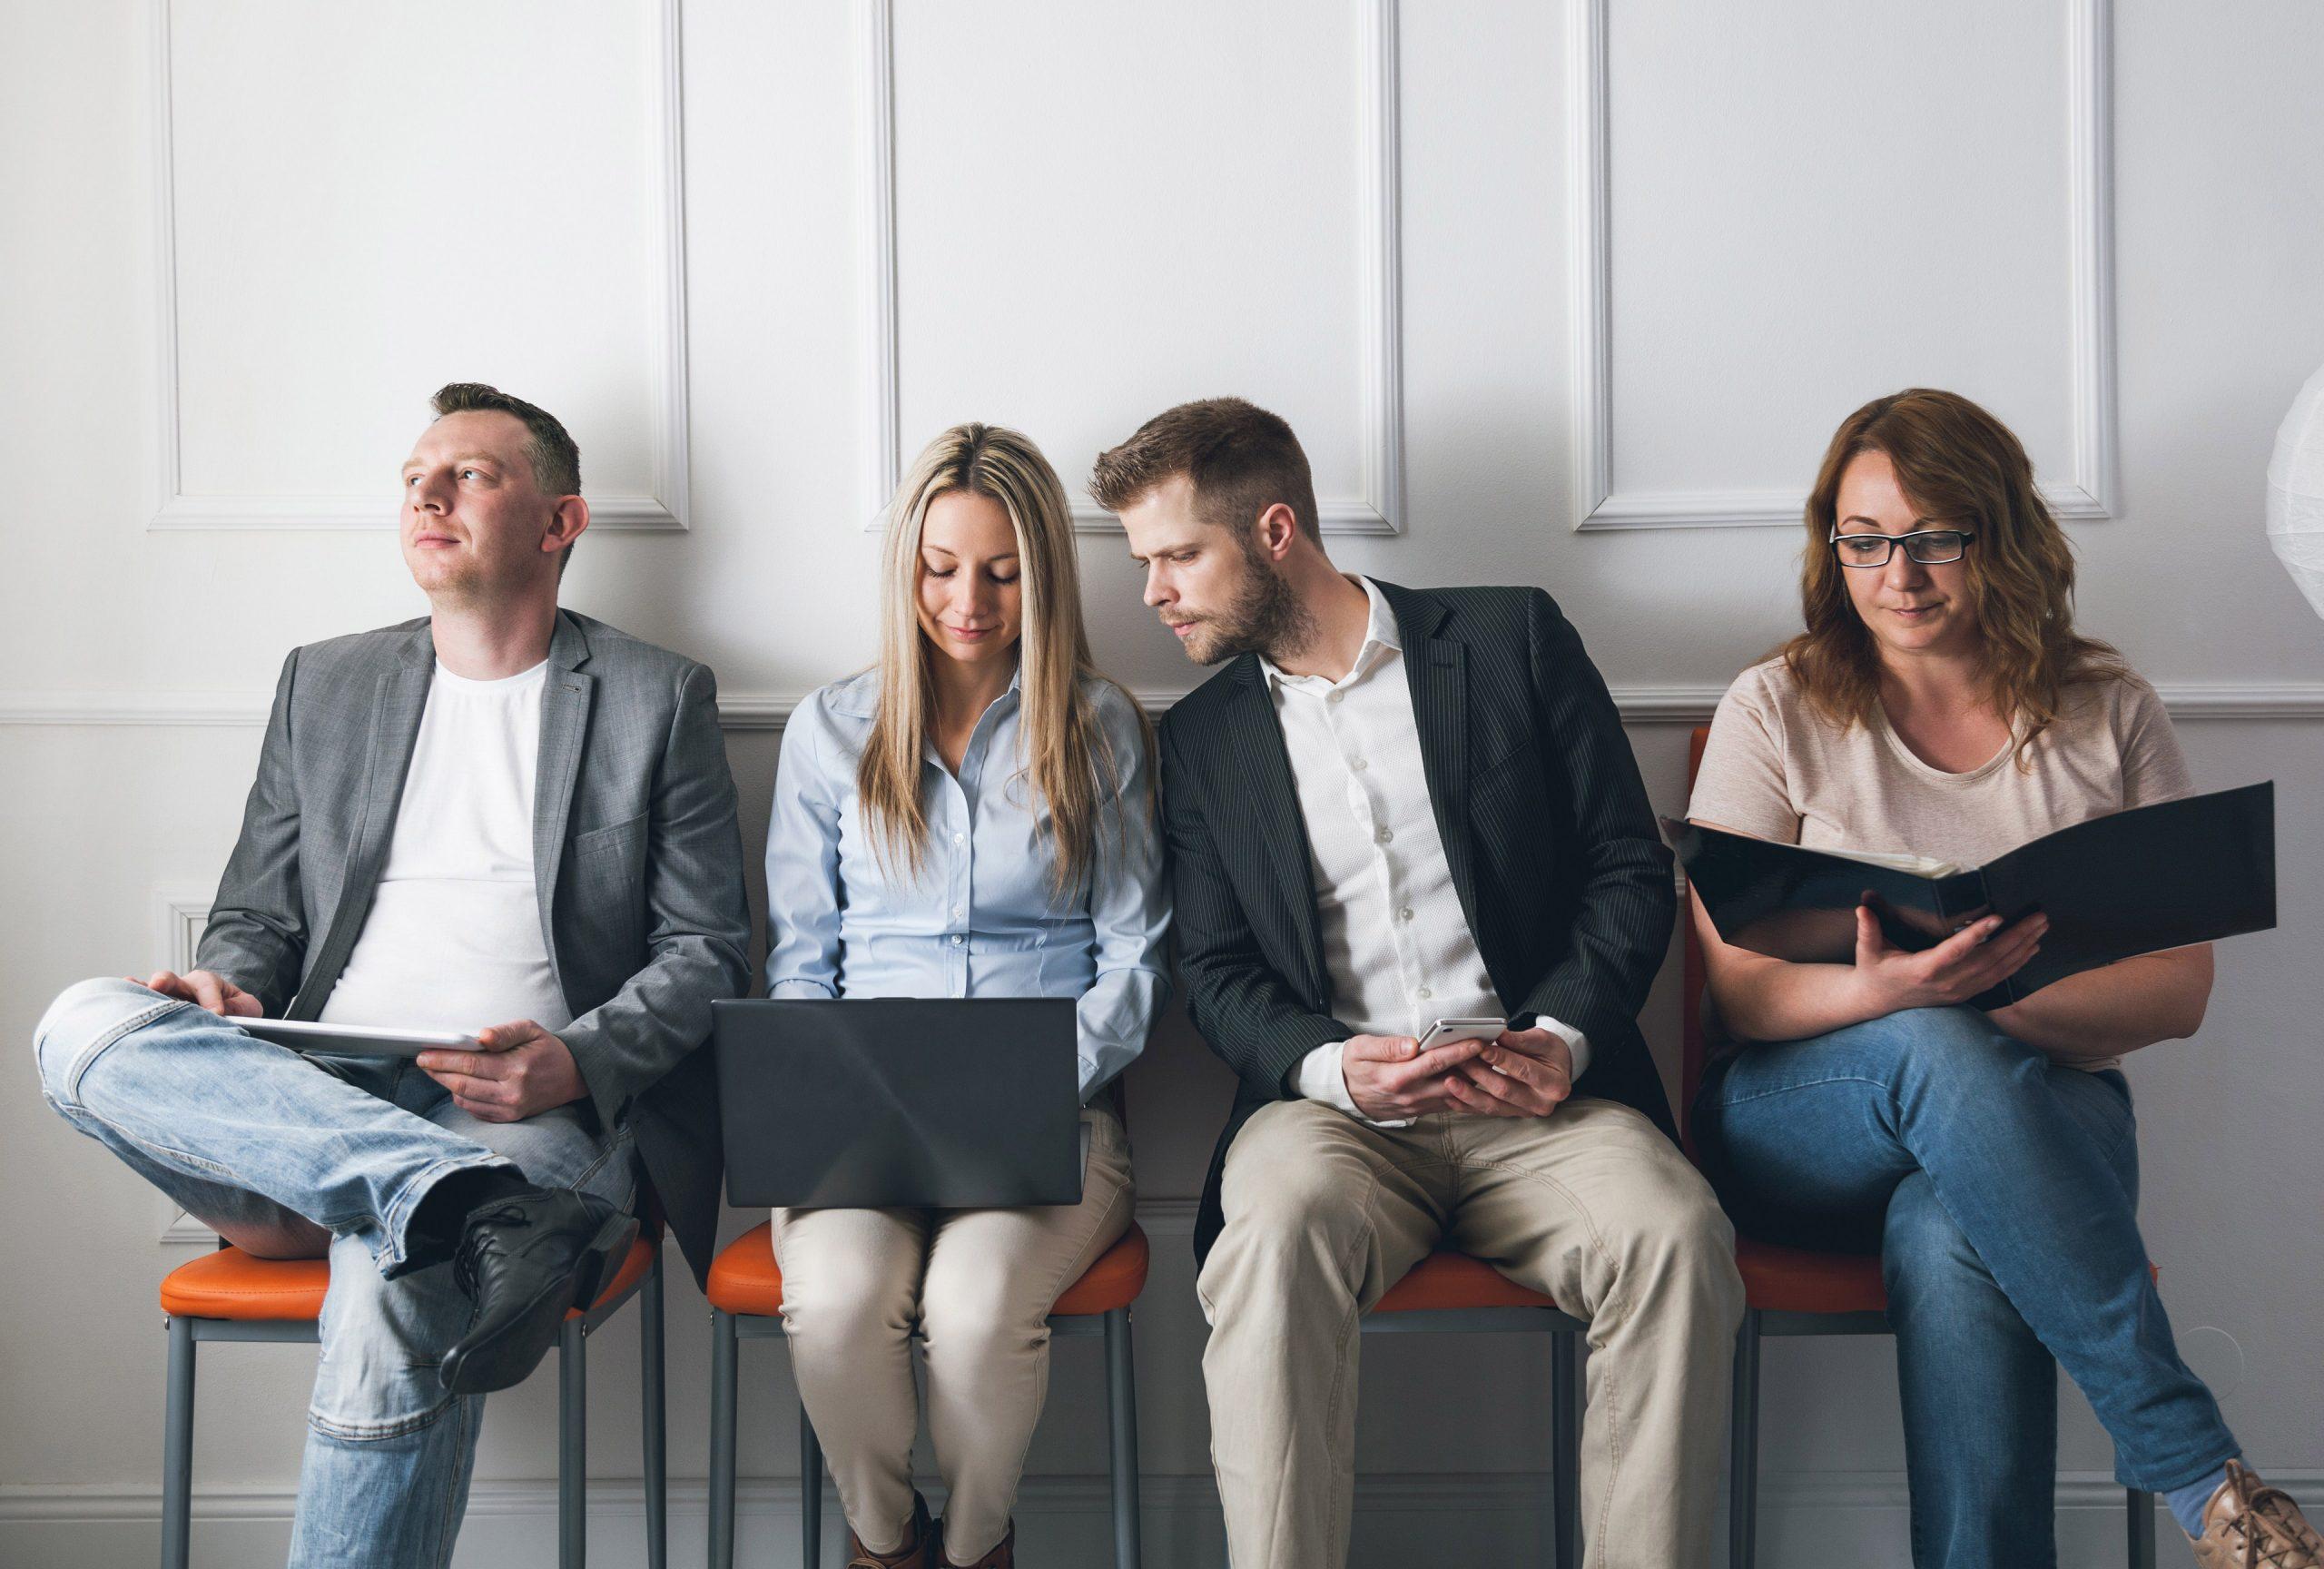 Как подготовиться к интервью с работодателем?